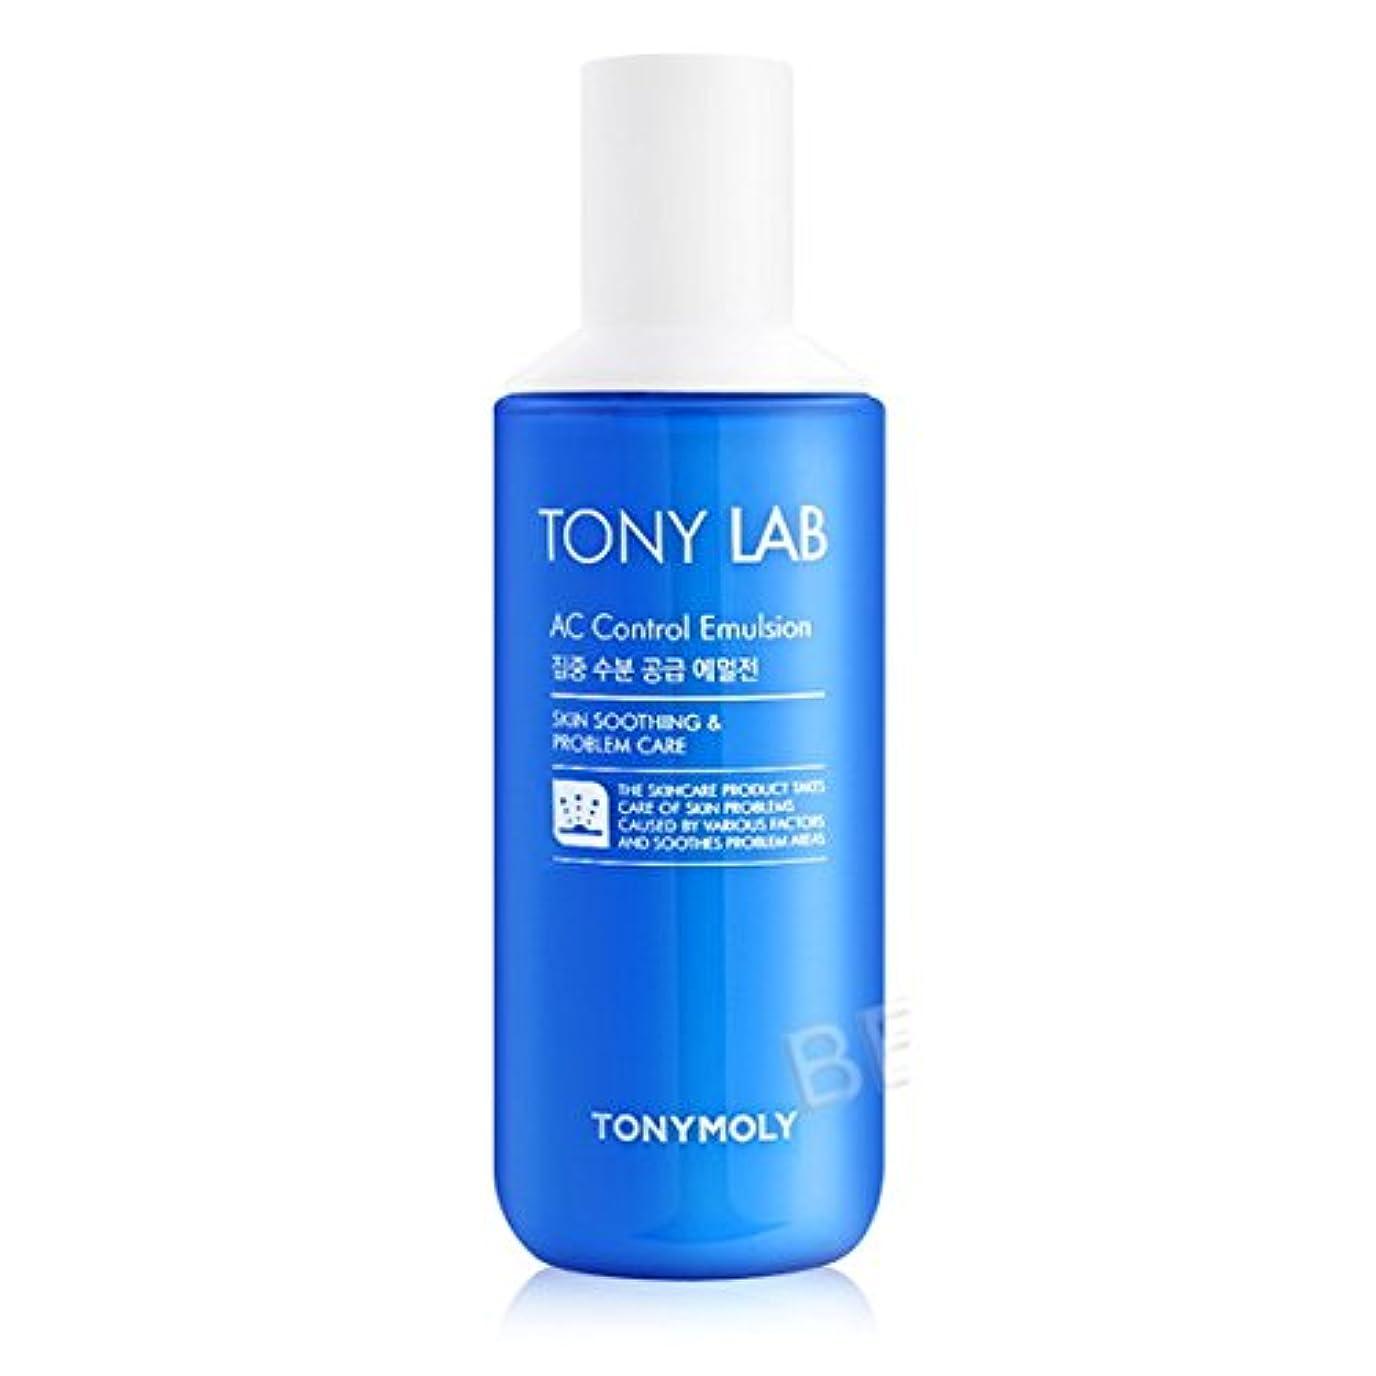 緩める女性すみません(3 Pack) TONYMOLY Tony Lab AC Control Emulsion (並行輸入品)